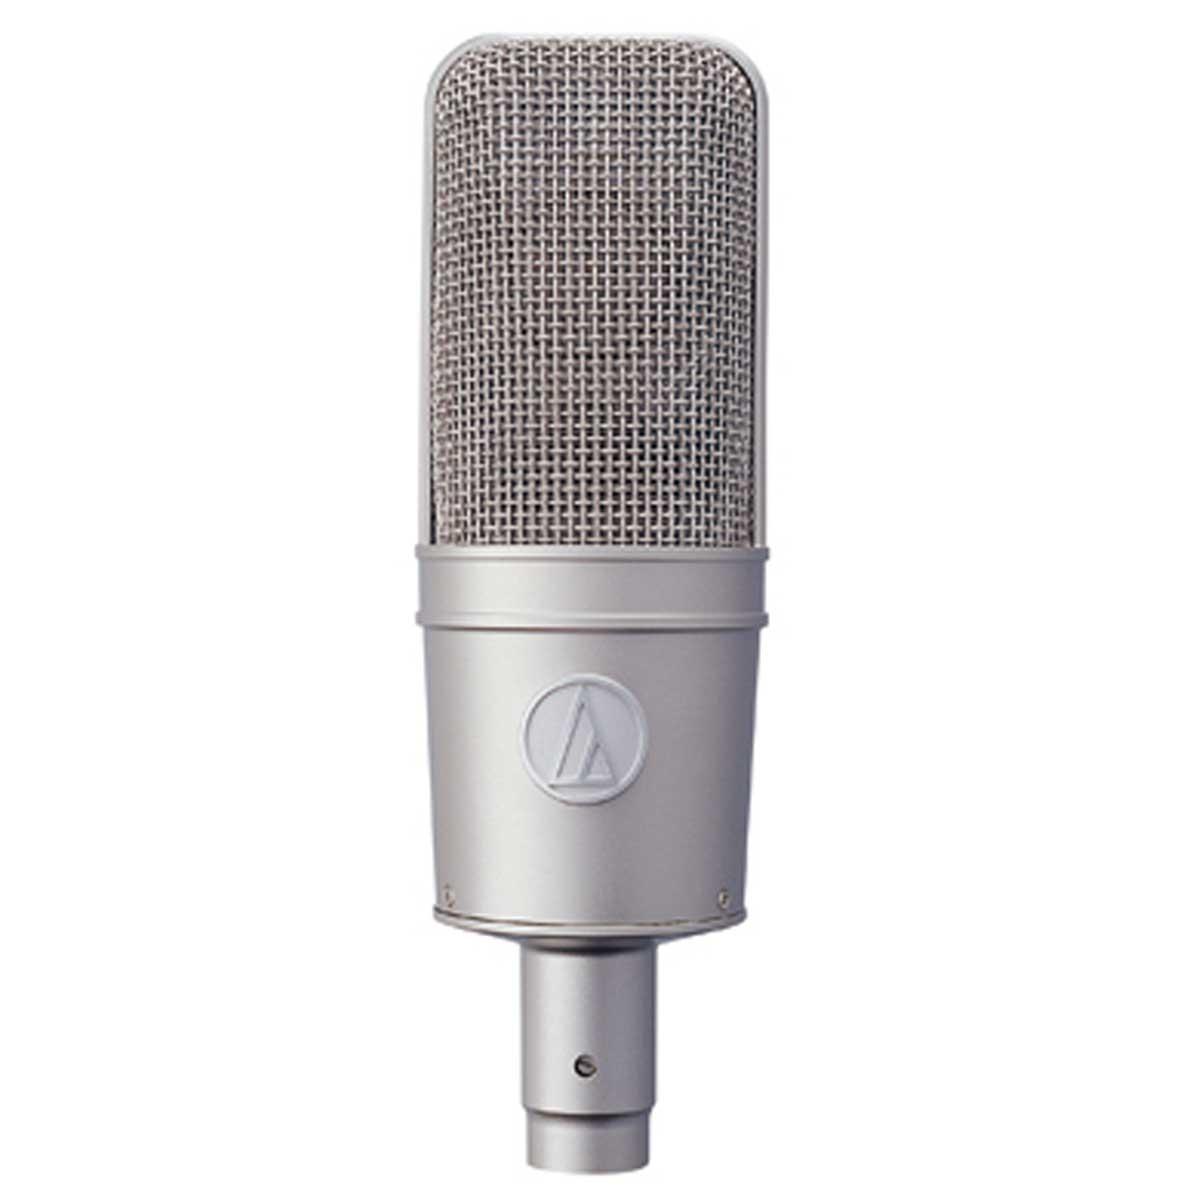 audio-technica オーディオテクニカ / AT4047/SV カーディオイド・コンデンサー・サイドアドレスマイクロホン (ショックマウント:AT8449a/SV付属)